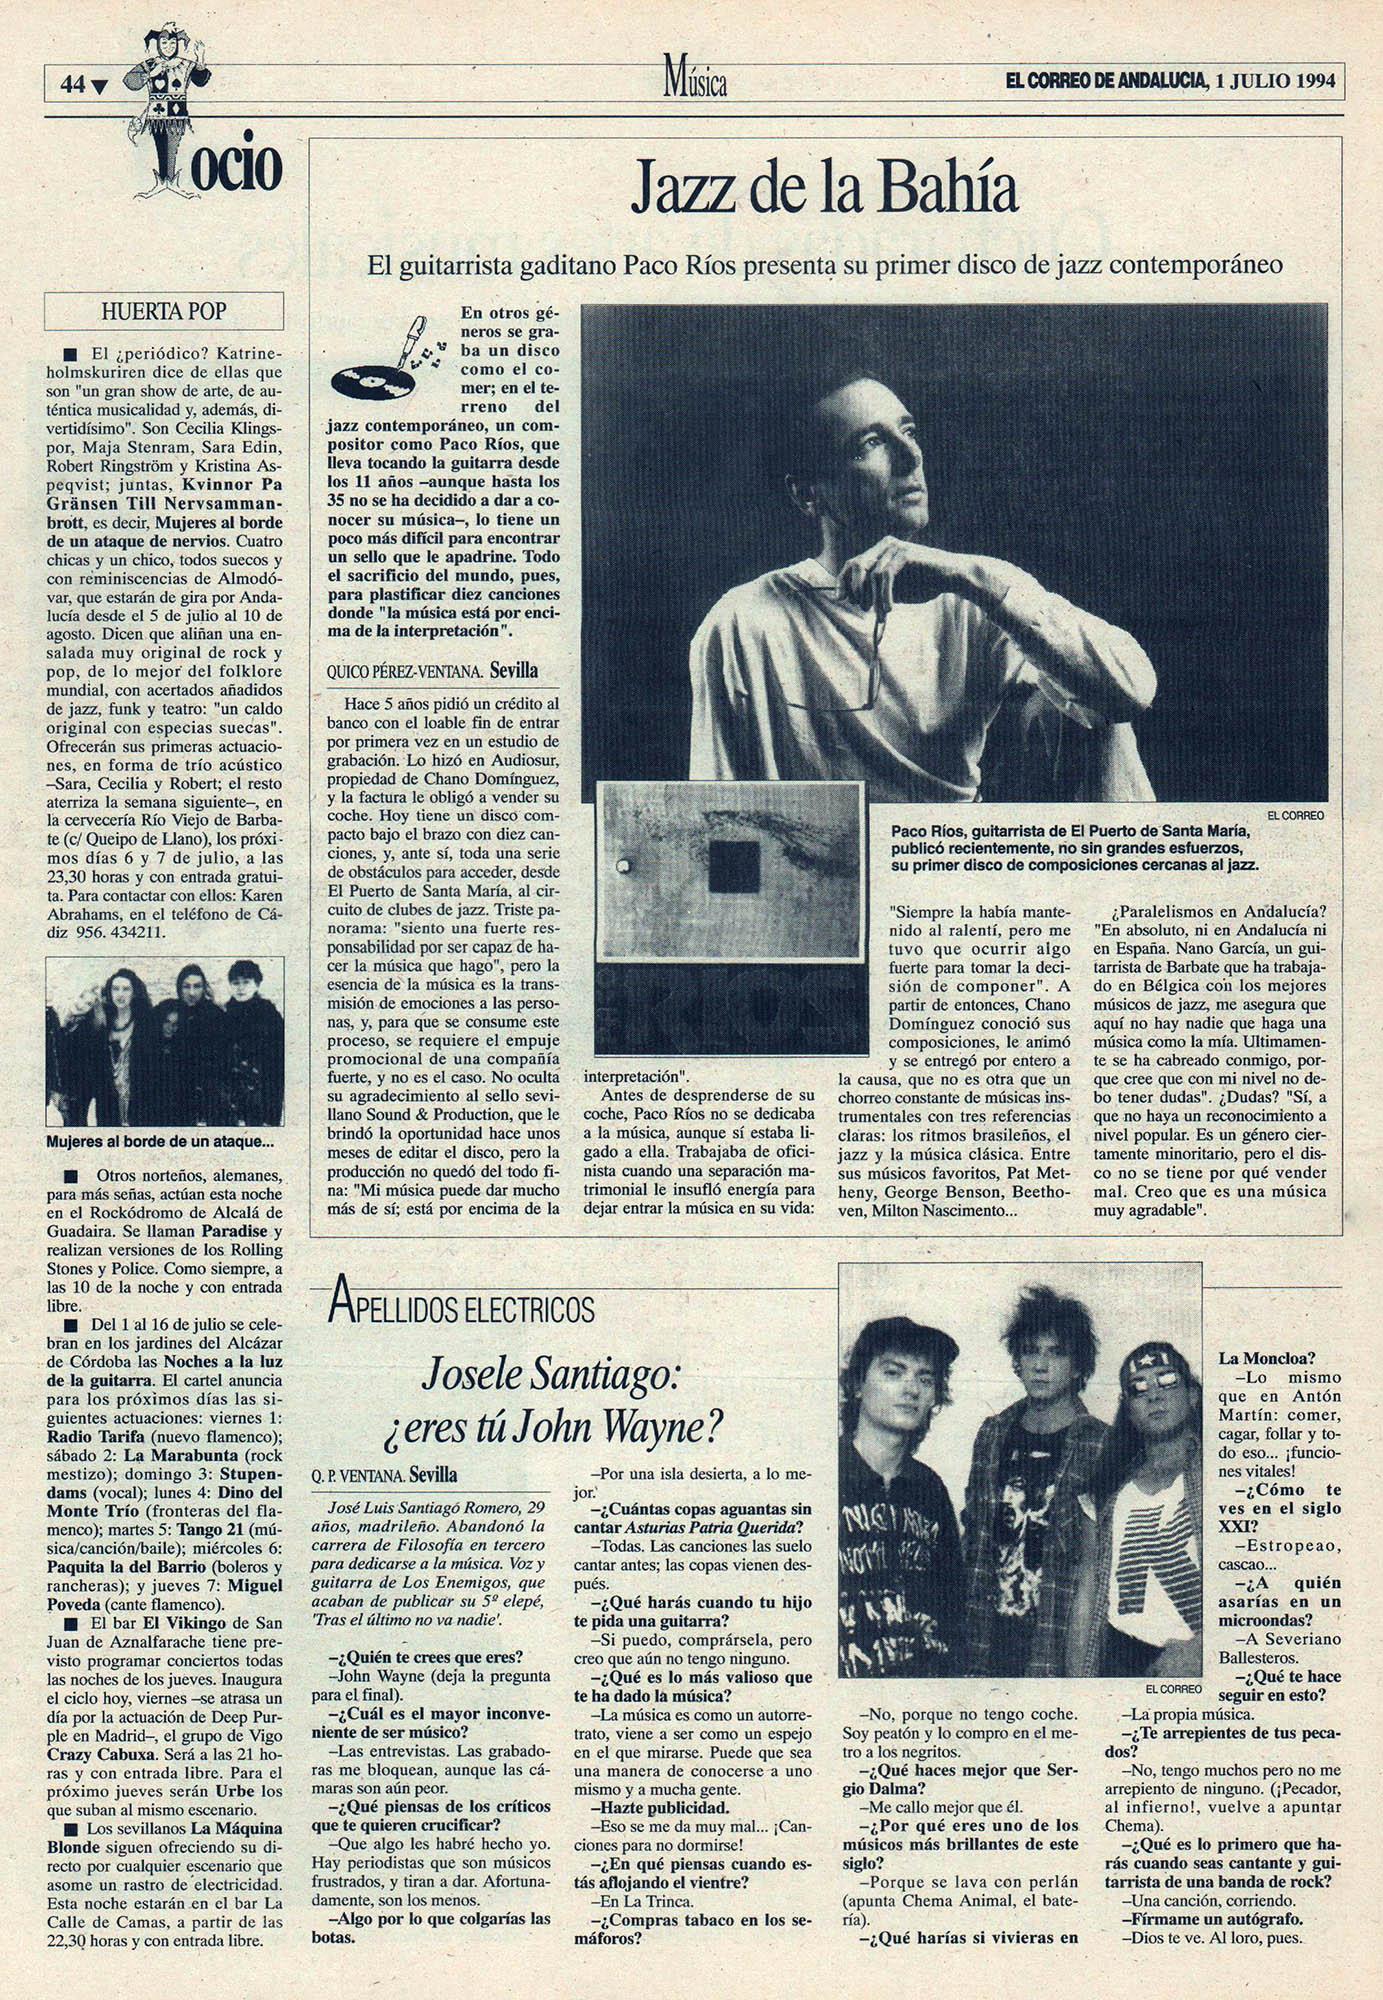 Paco Ríos, jazz de la bahía | Cuestionario: Josele Santiago, ¿eres tú John Wayne? - Los Enemigos | El Correo de Andalucía | 1 jul 1994